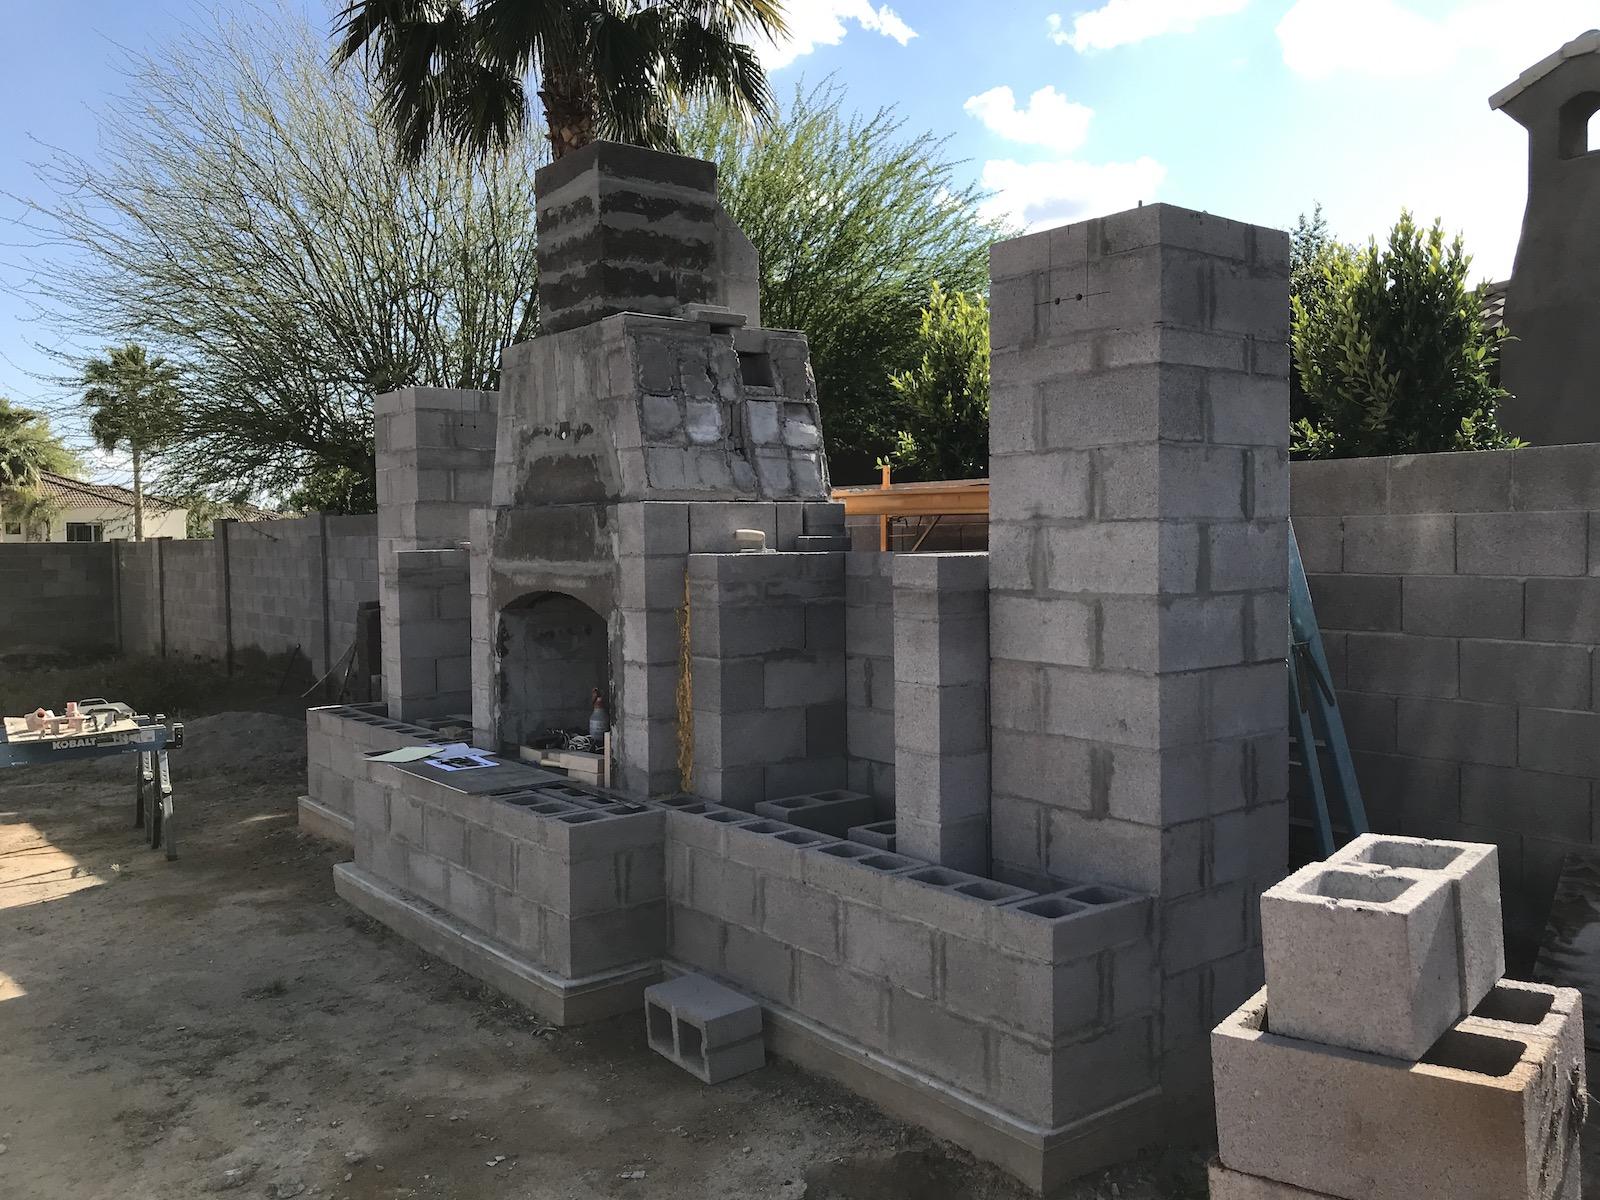 backyard fireplace - before